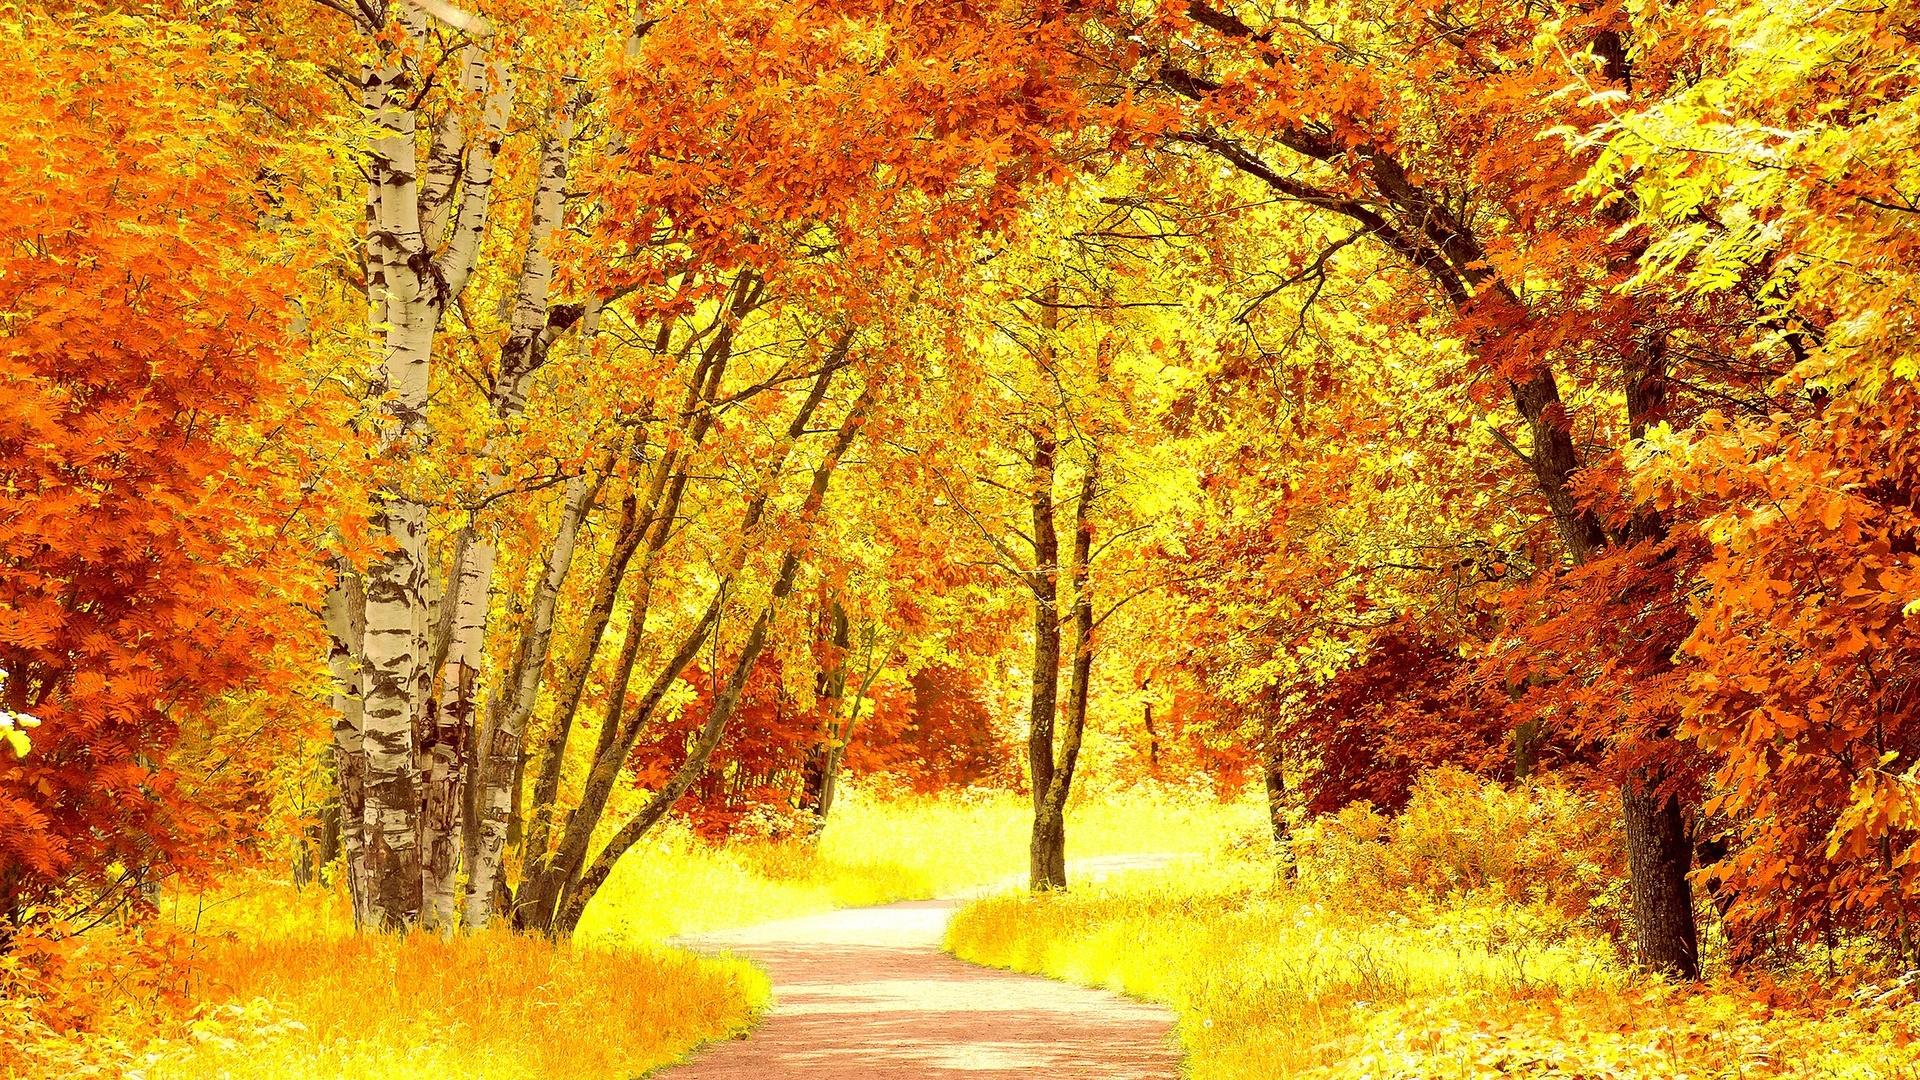 Yellow Nature 1920x1080 wallpaper